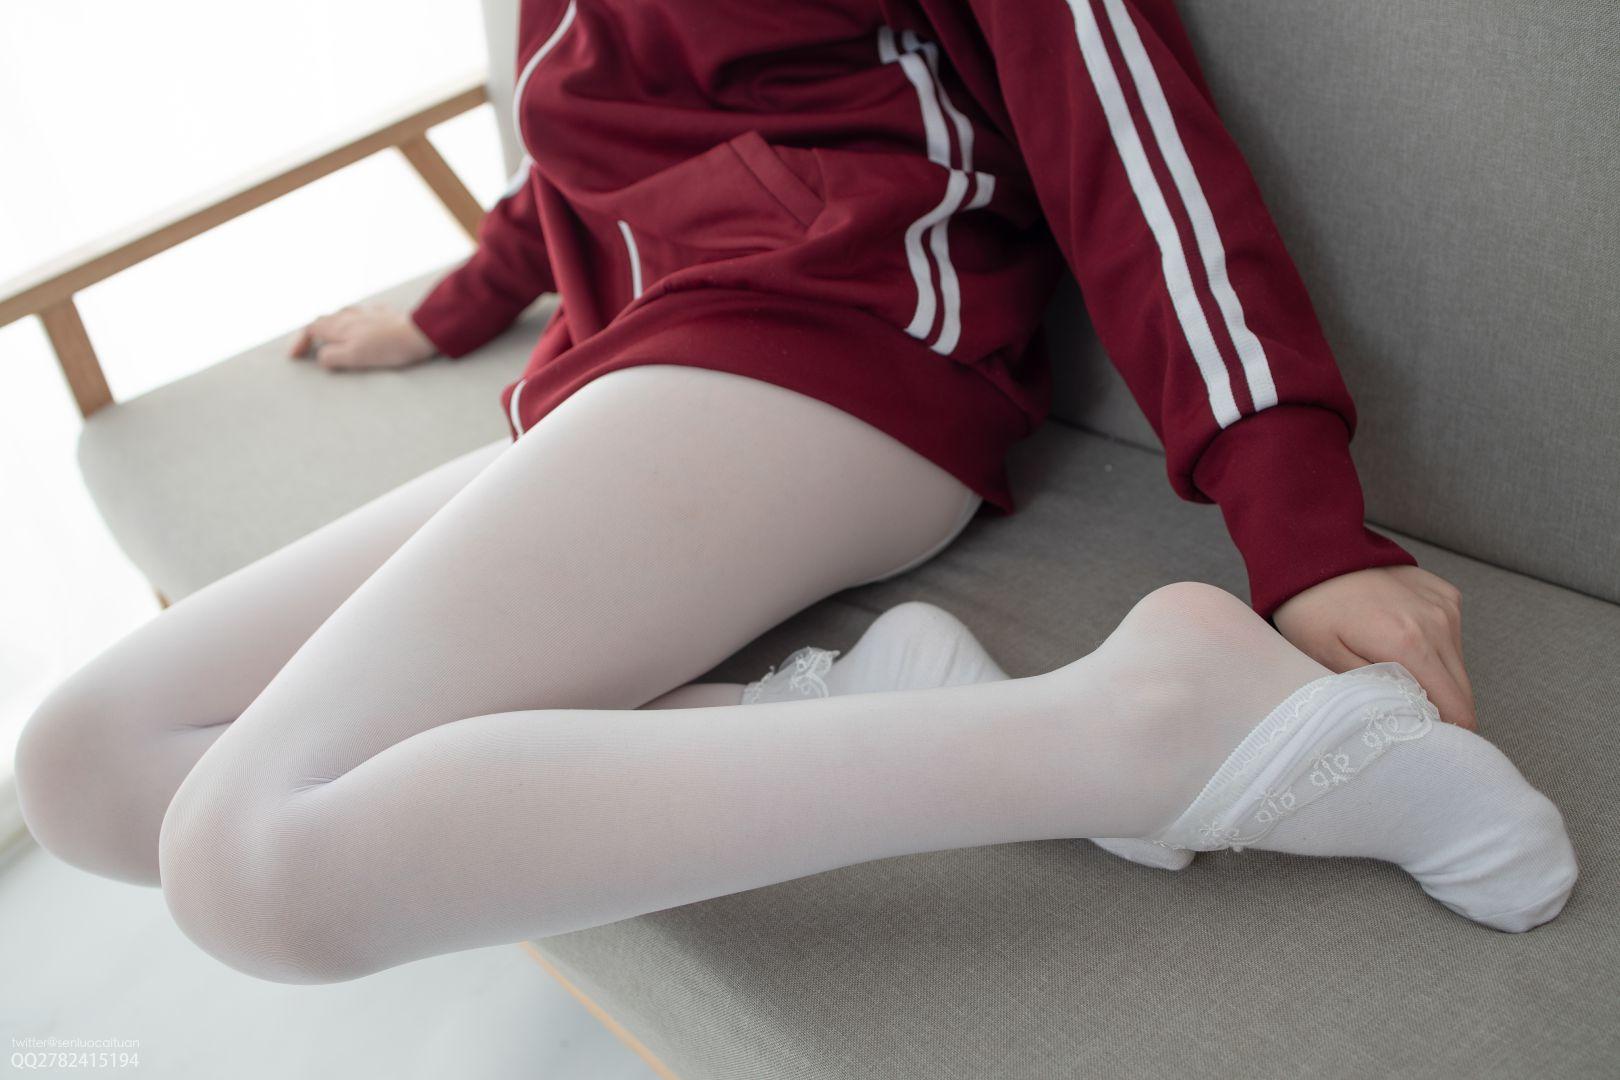 JKFUN - 白丝套蕾丝花边短袜 [40P+1V+802MB]